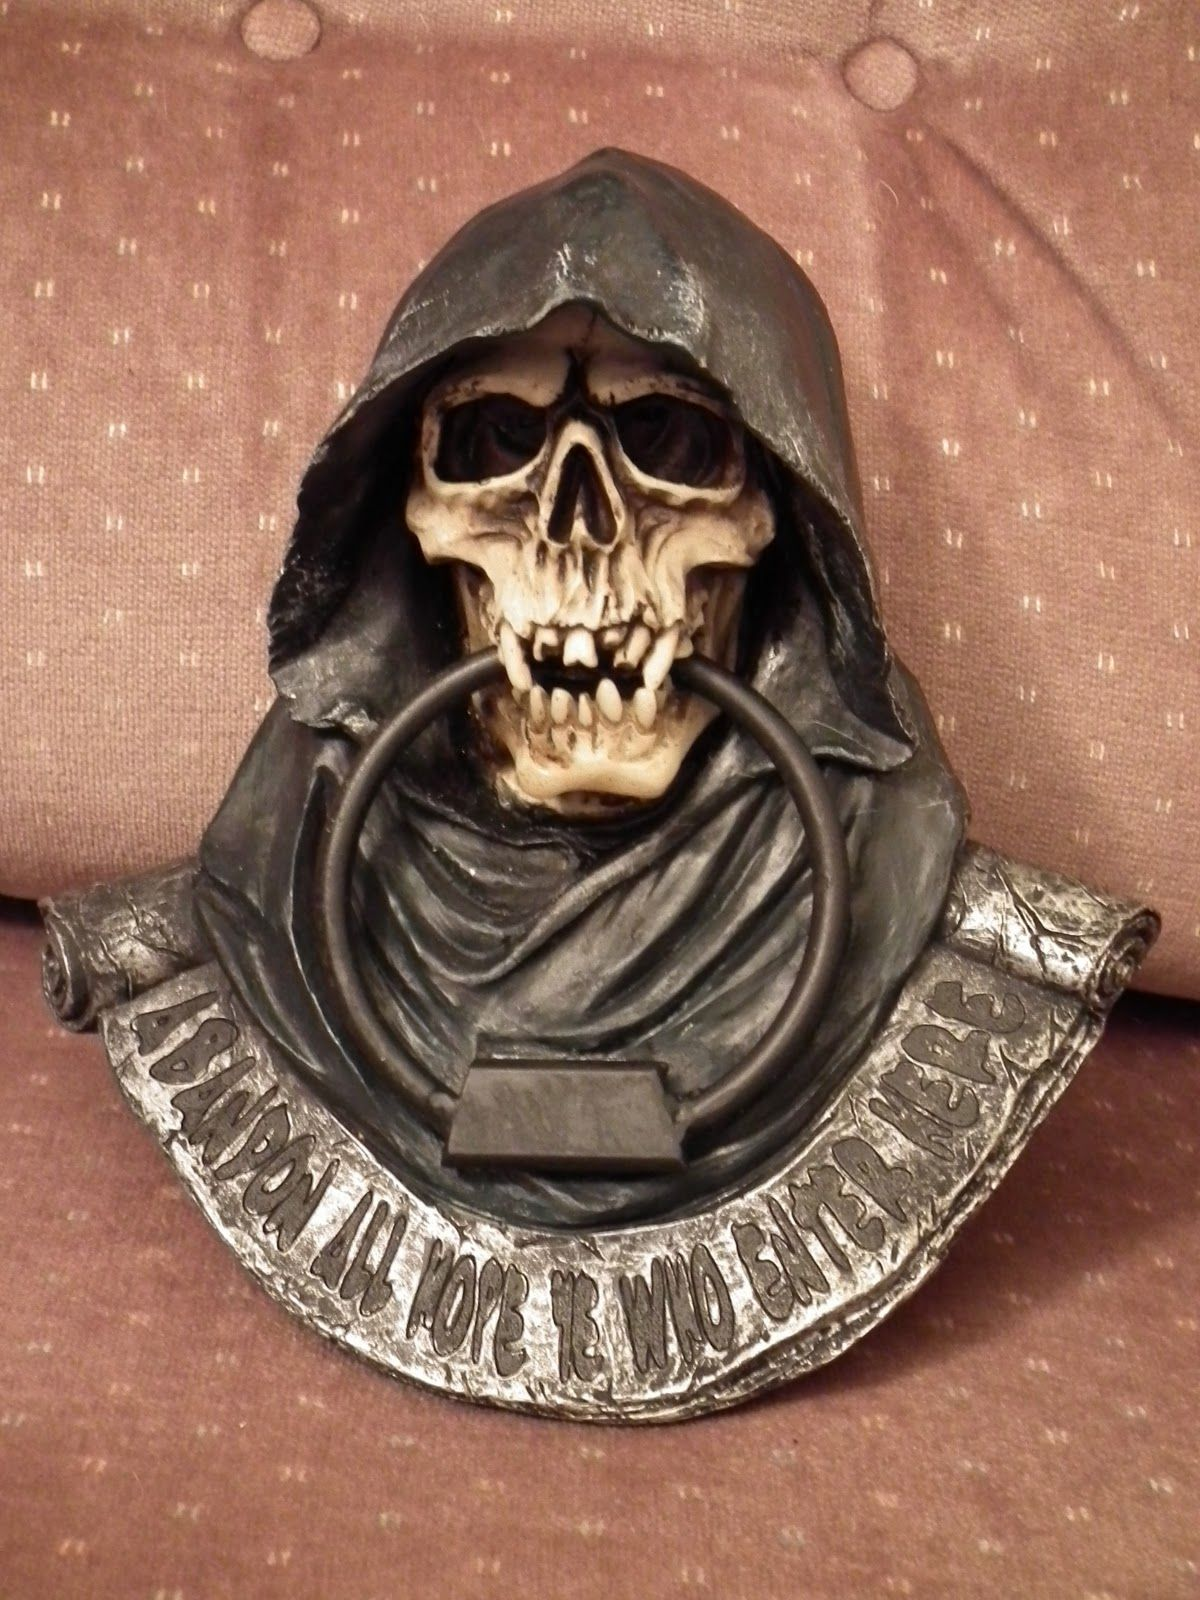 Grim reaper door knocker i 39 m planning on hanging it on my office door the caption says - Cool door knocker ...